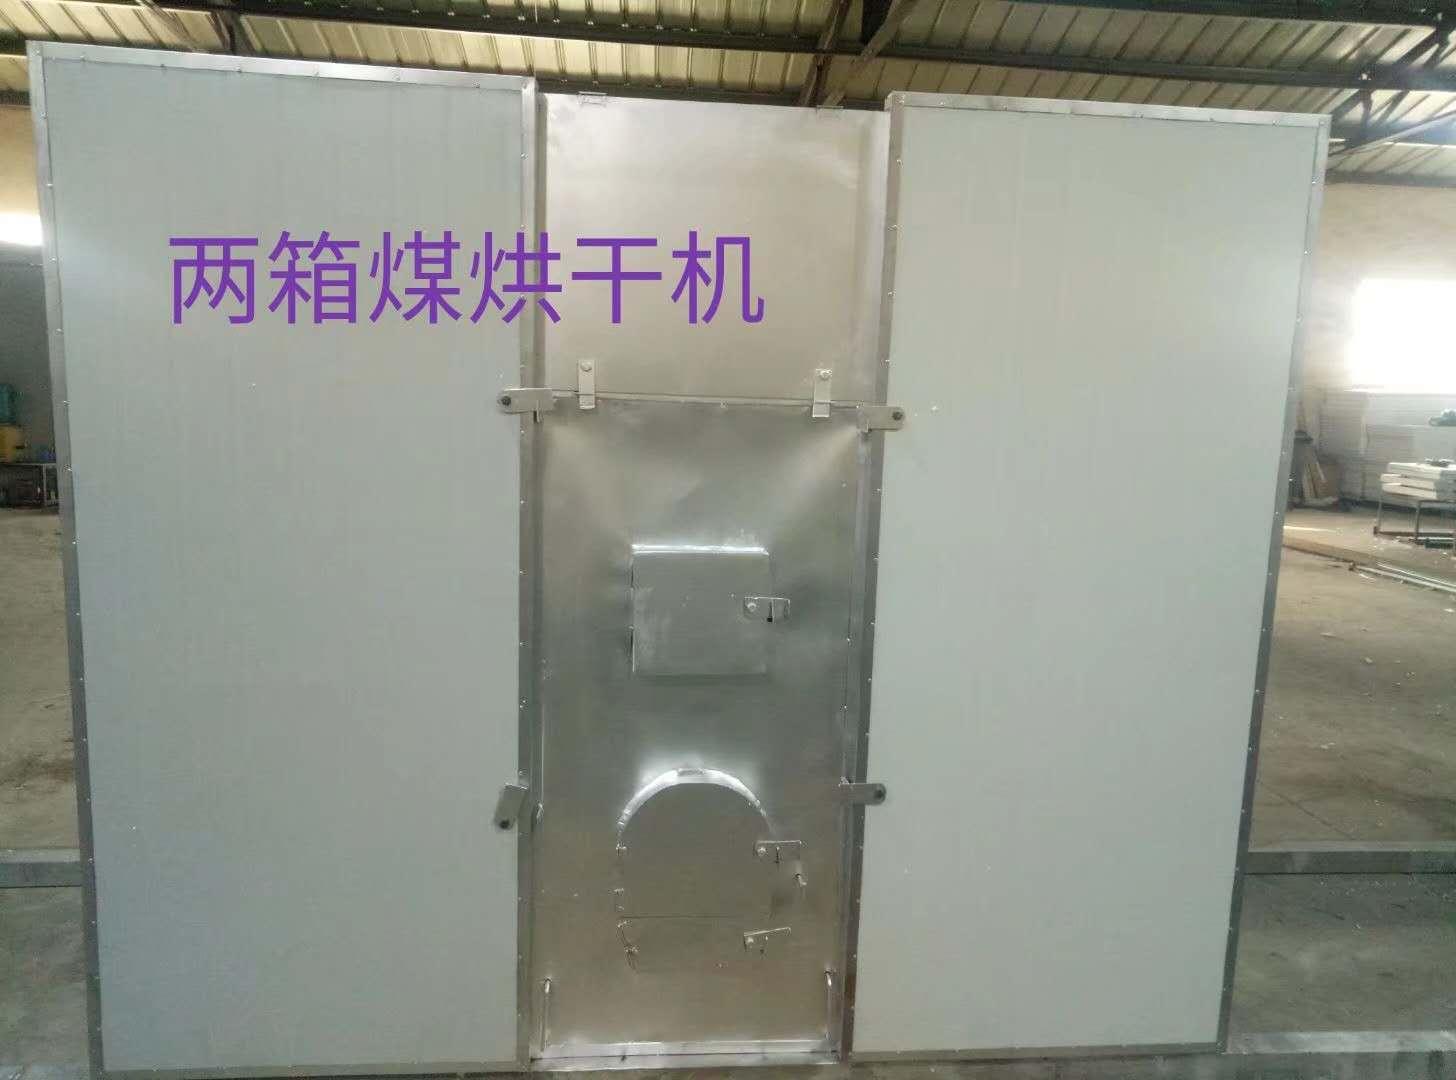 河南恒诺竞博jbo软件下载机械厂在云南保山竞博jbo软件下载赤松茸现场!